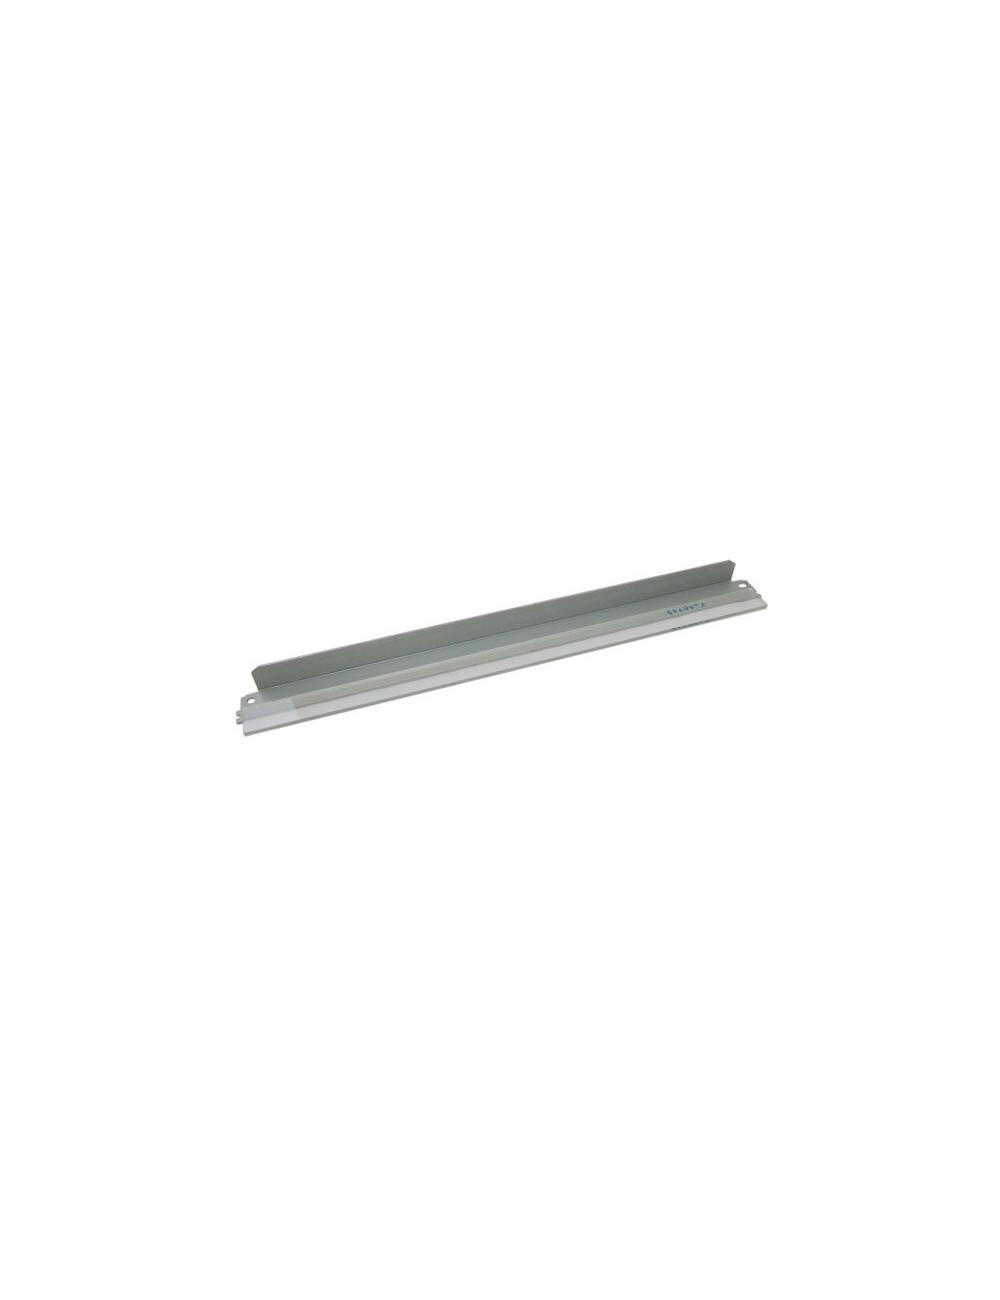 Ανταλλακτικό για toner WIPER BLADE samsung 2850/2851